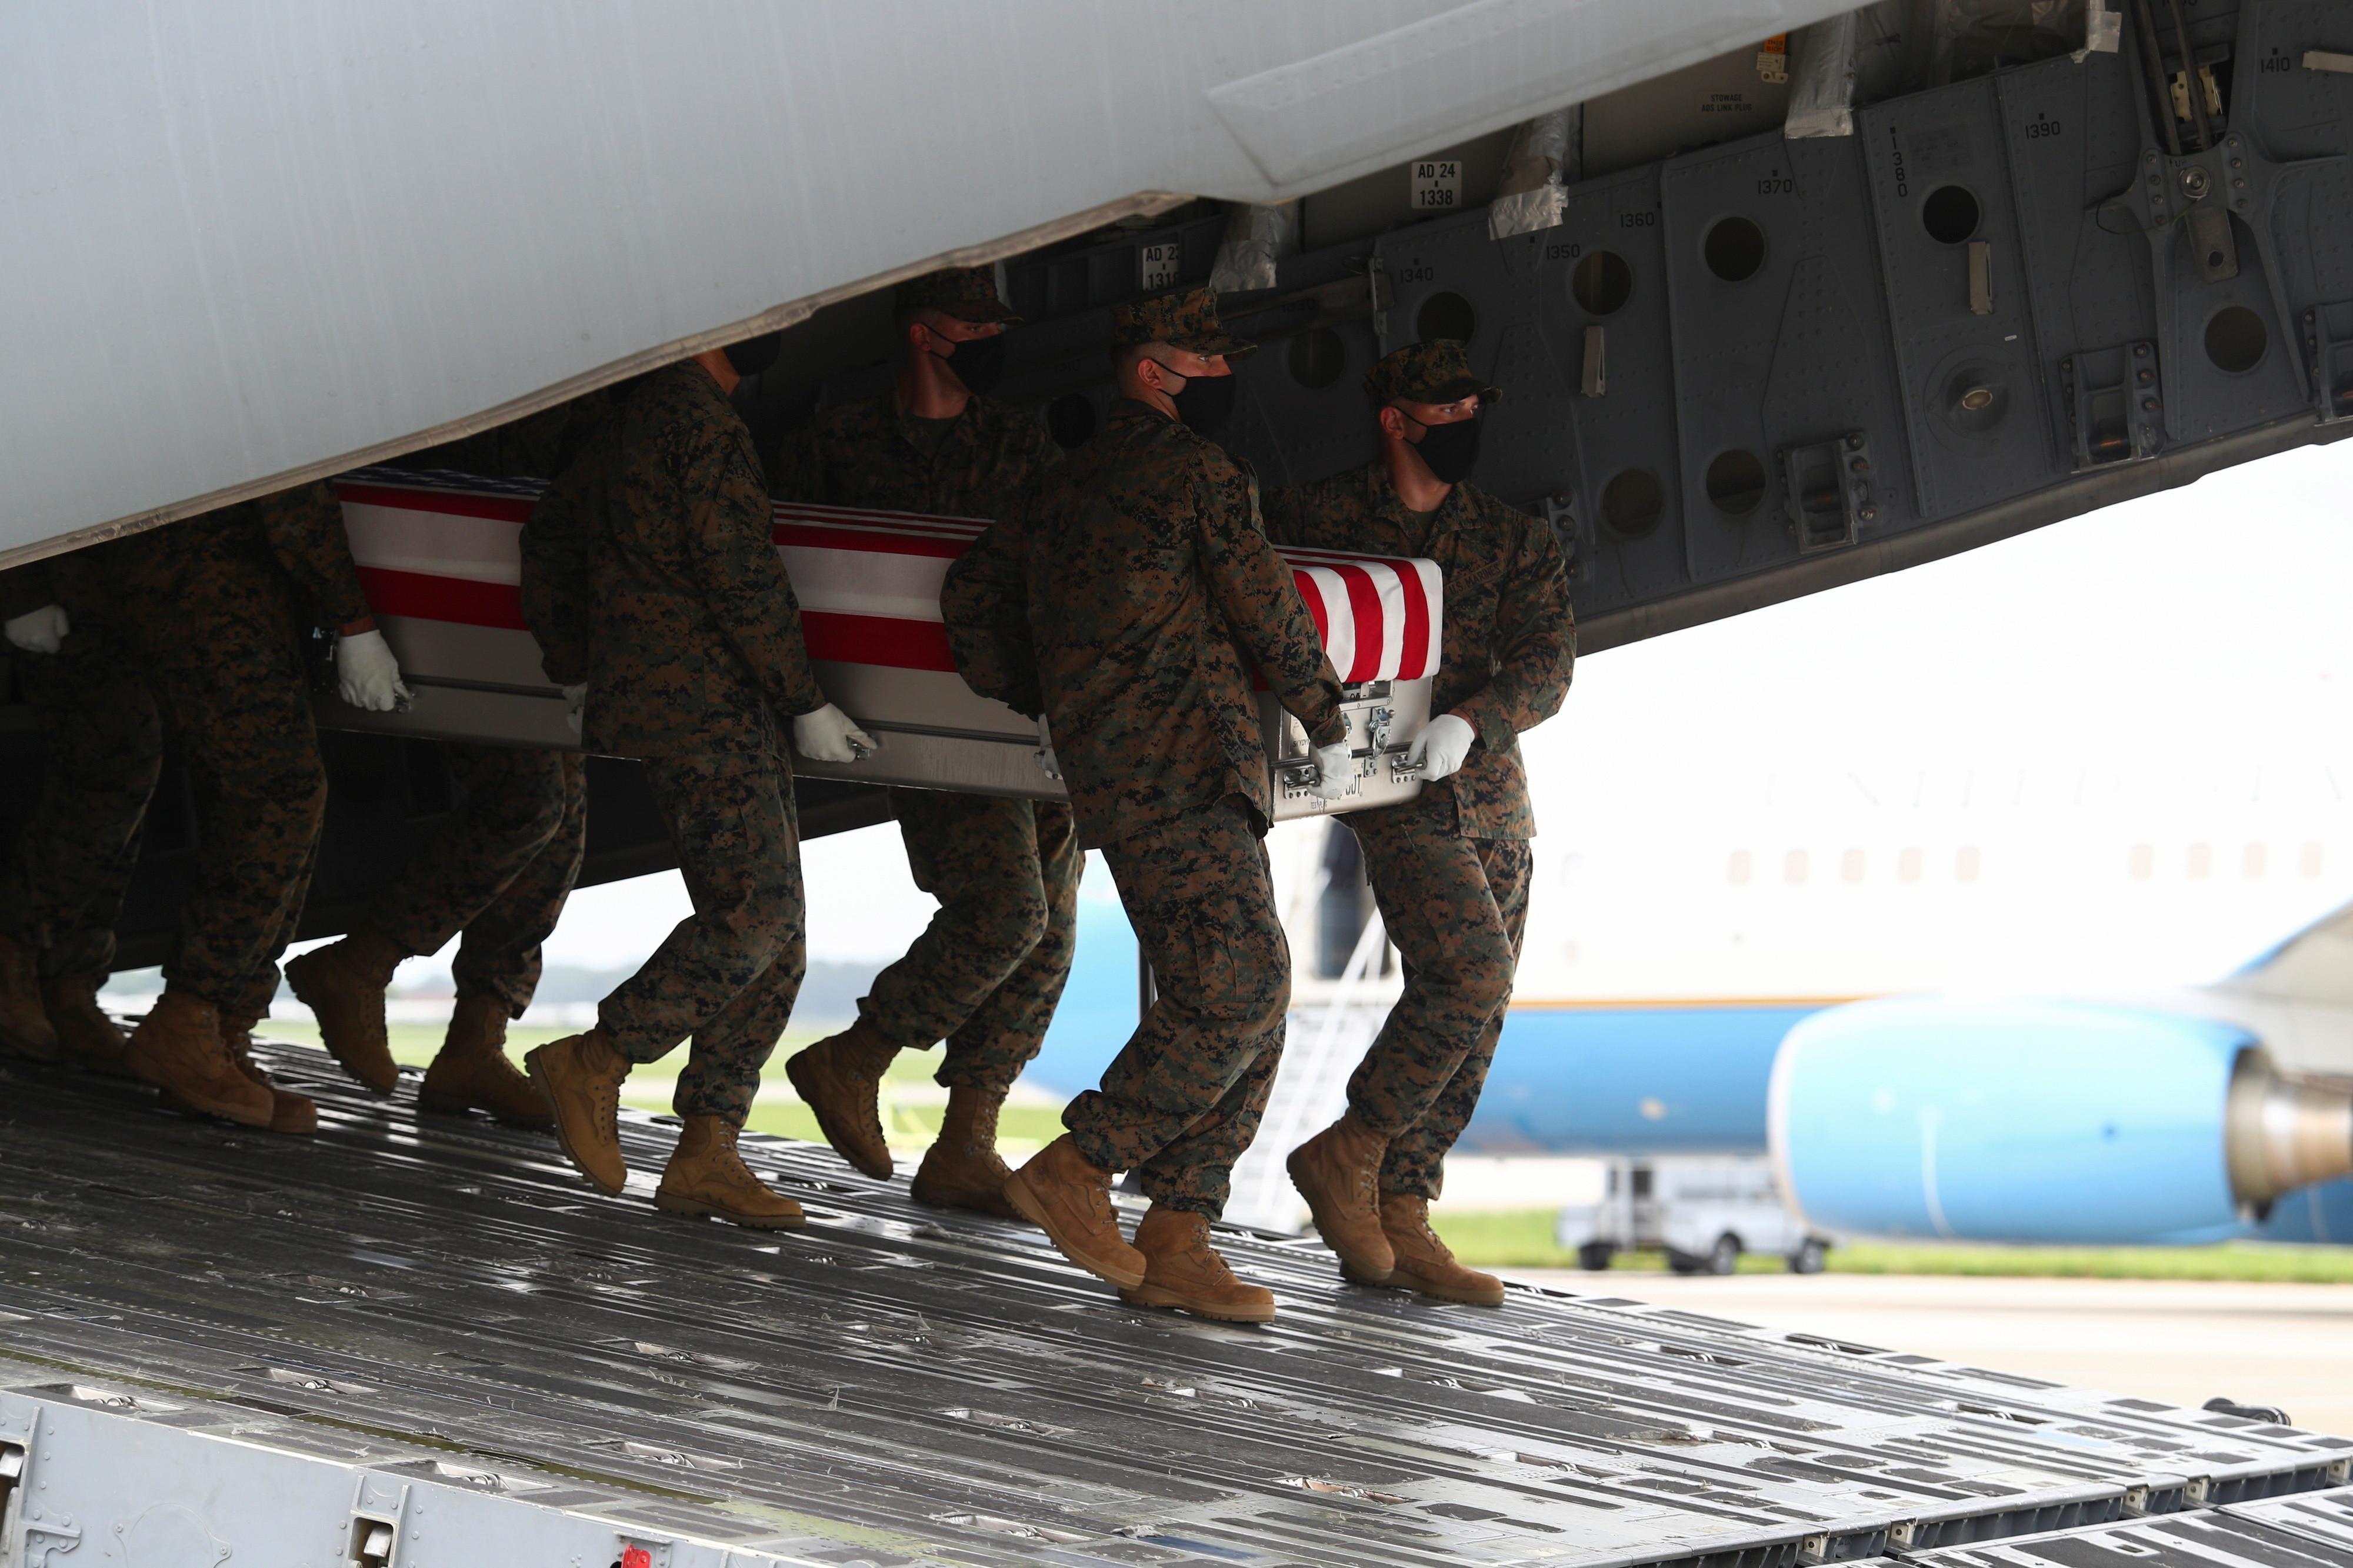 蓋達組織,基地組織,美國,911事件,老布希,小布希,反恐戰爭,賓拉登,阿富汗,喀布爾,伊斯蘭國,中東,塔利班,ISIS-K